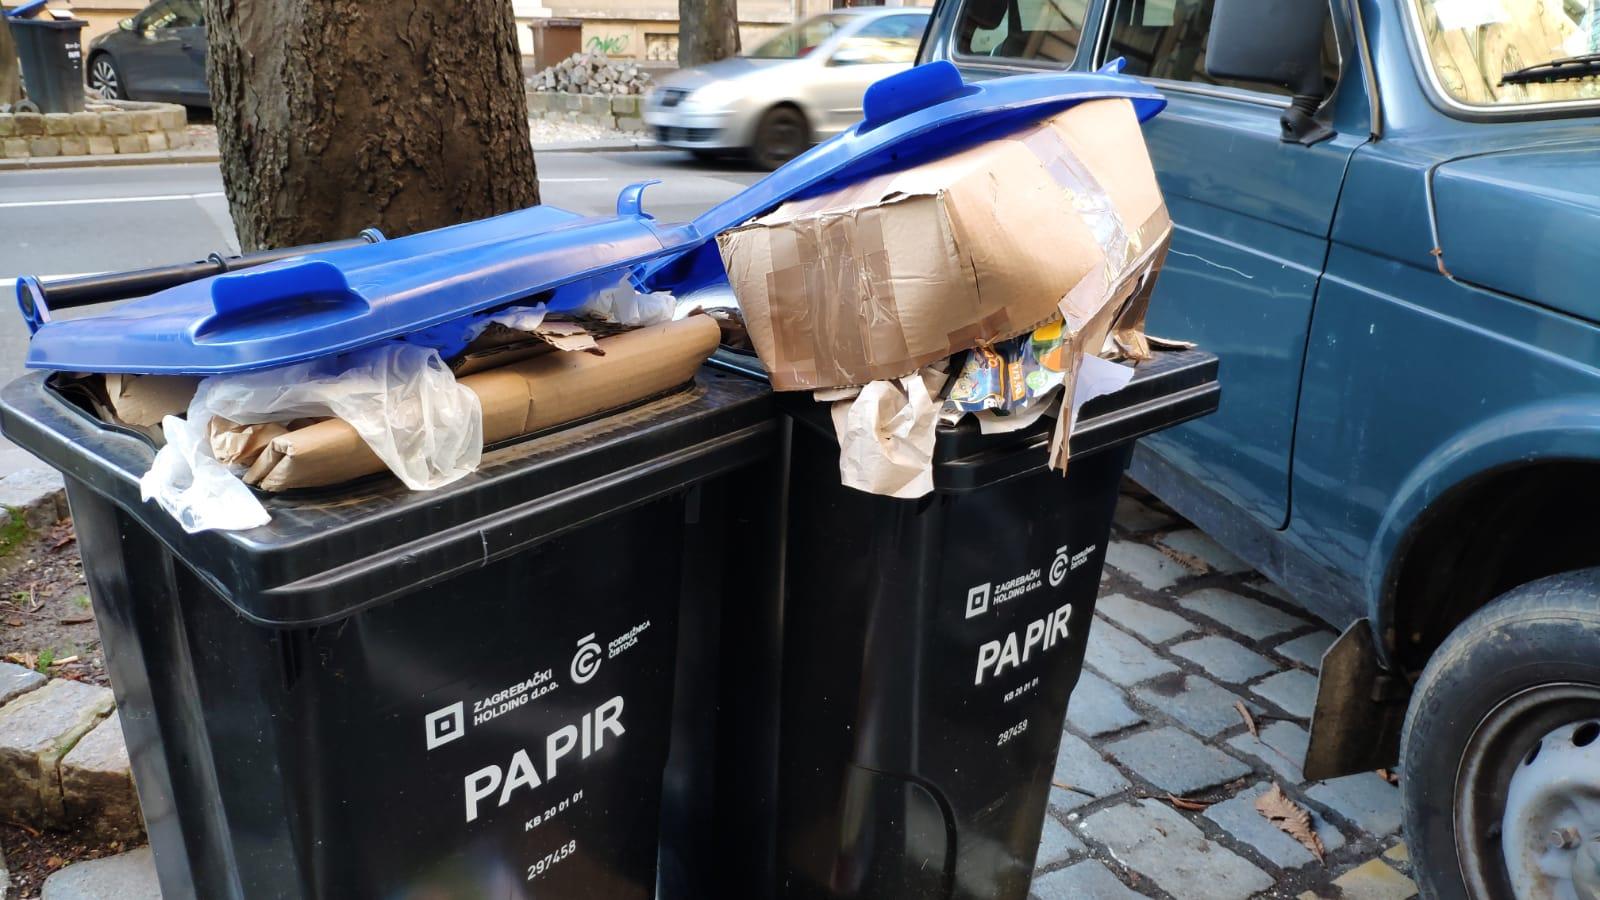 I u Hebrangovoj su kante za papir pretrpane